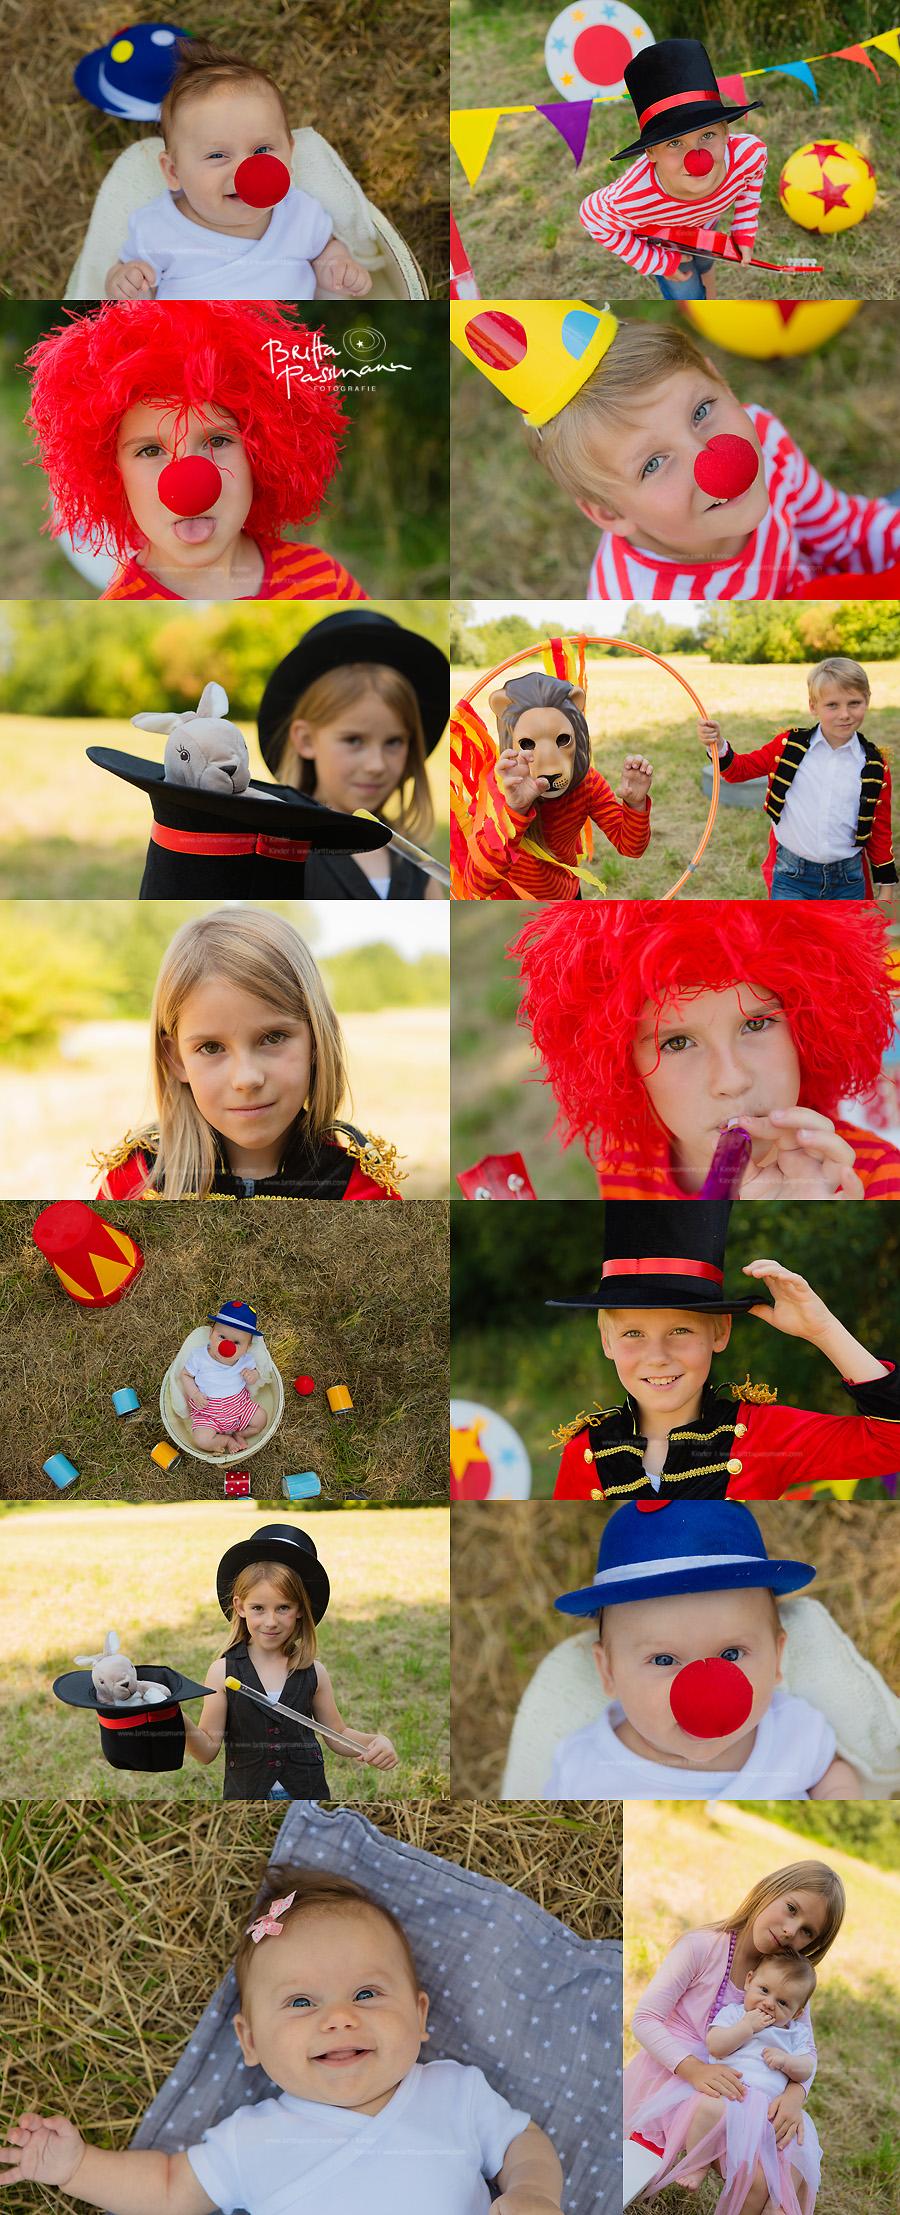 Kinderfotos_Babyfotos_Dormtund_Essen_Sauerland_Babyfotografie-Zirkus_Zirkusshooting